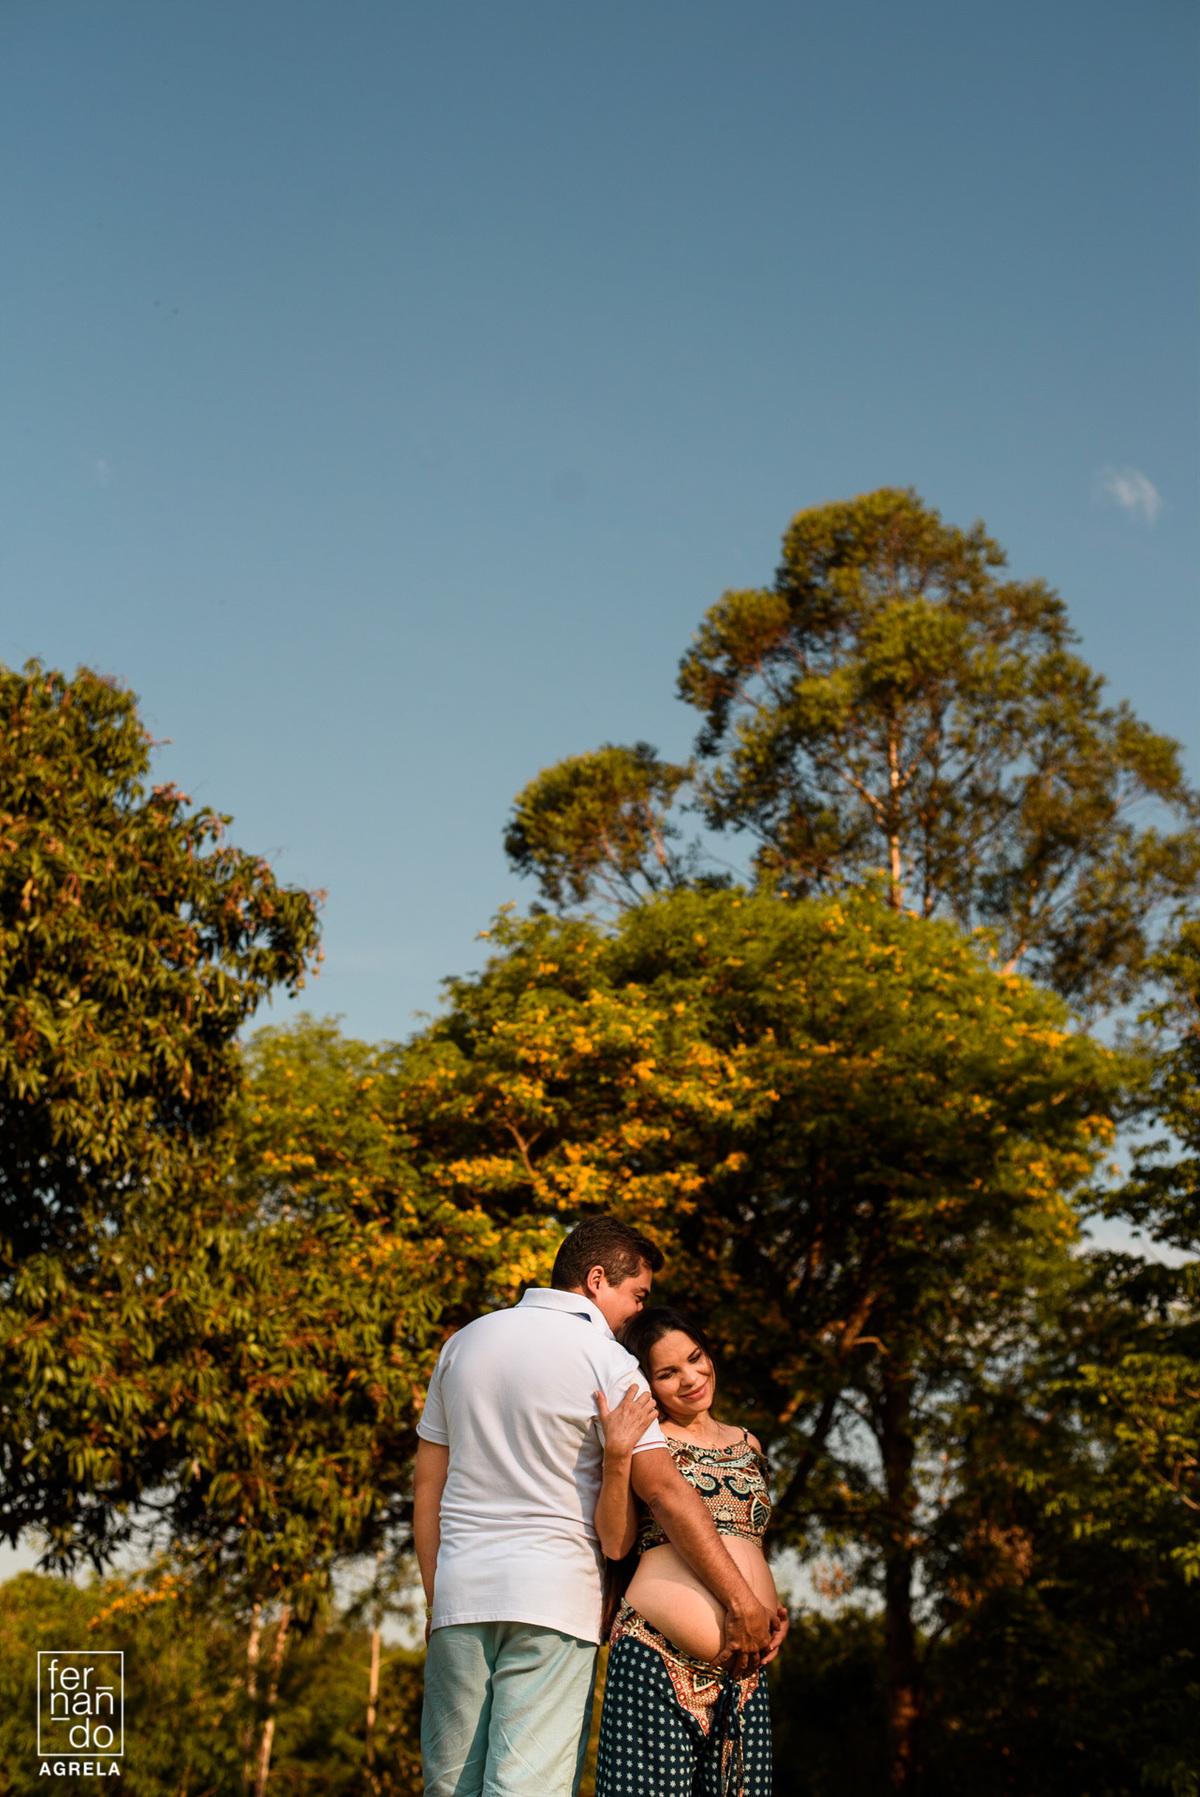 foto de arvores e casal com mulher gestante